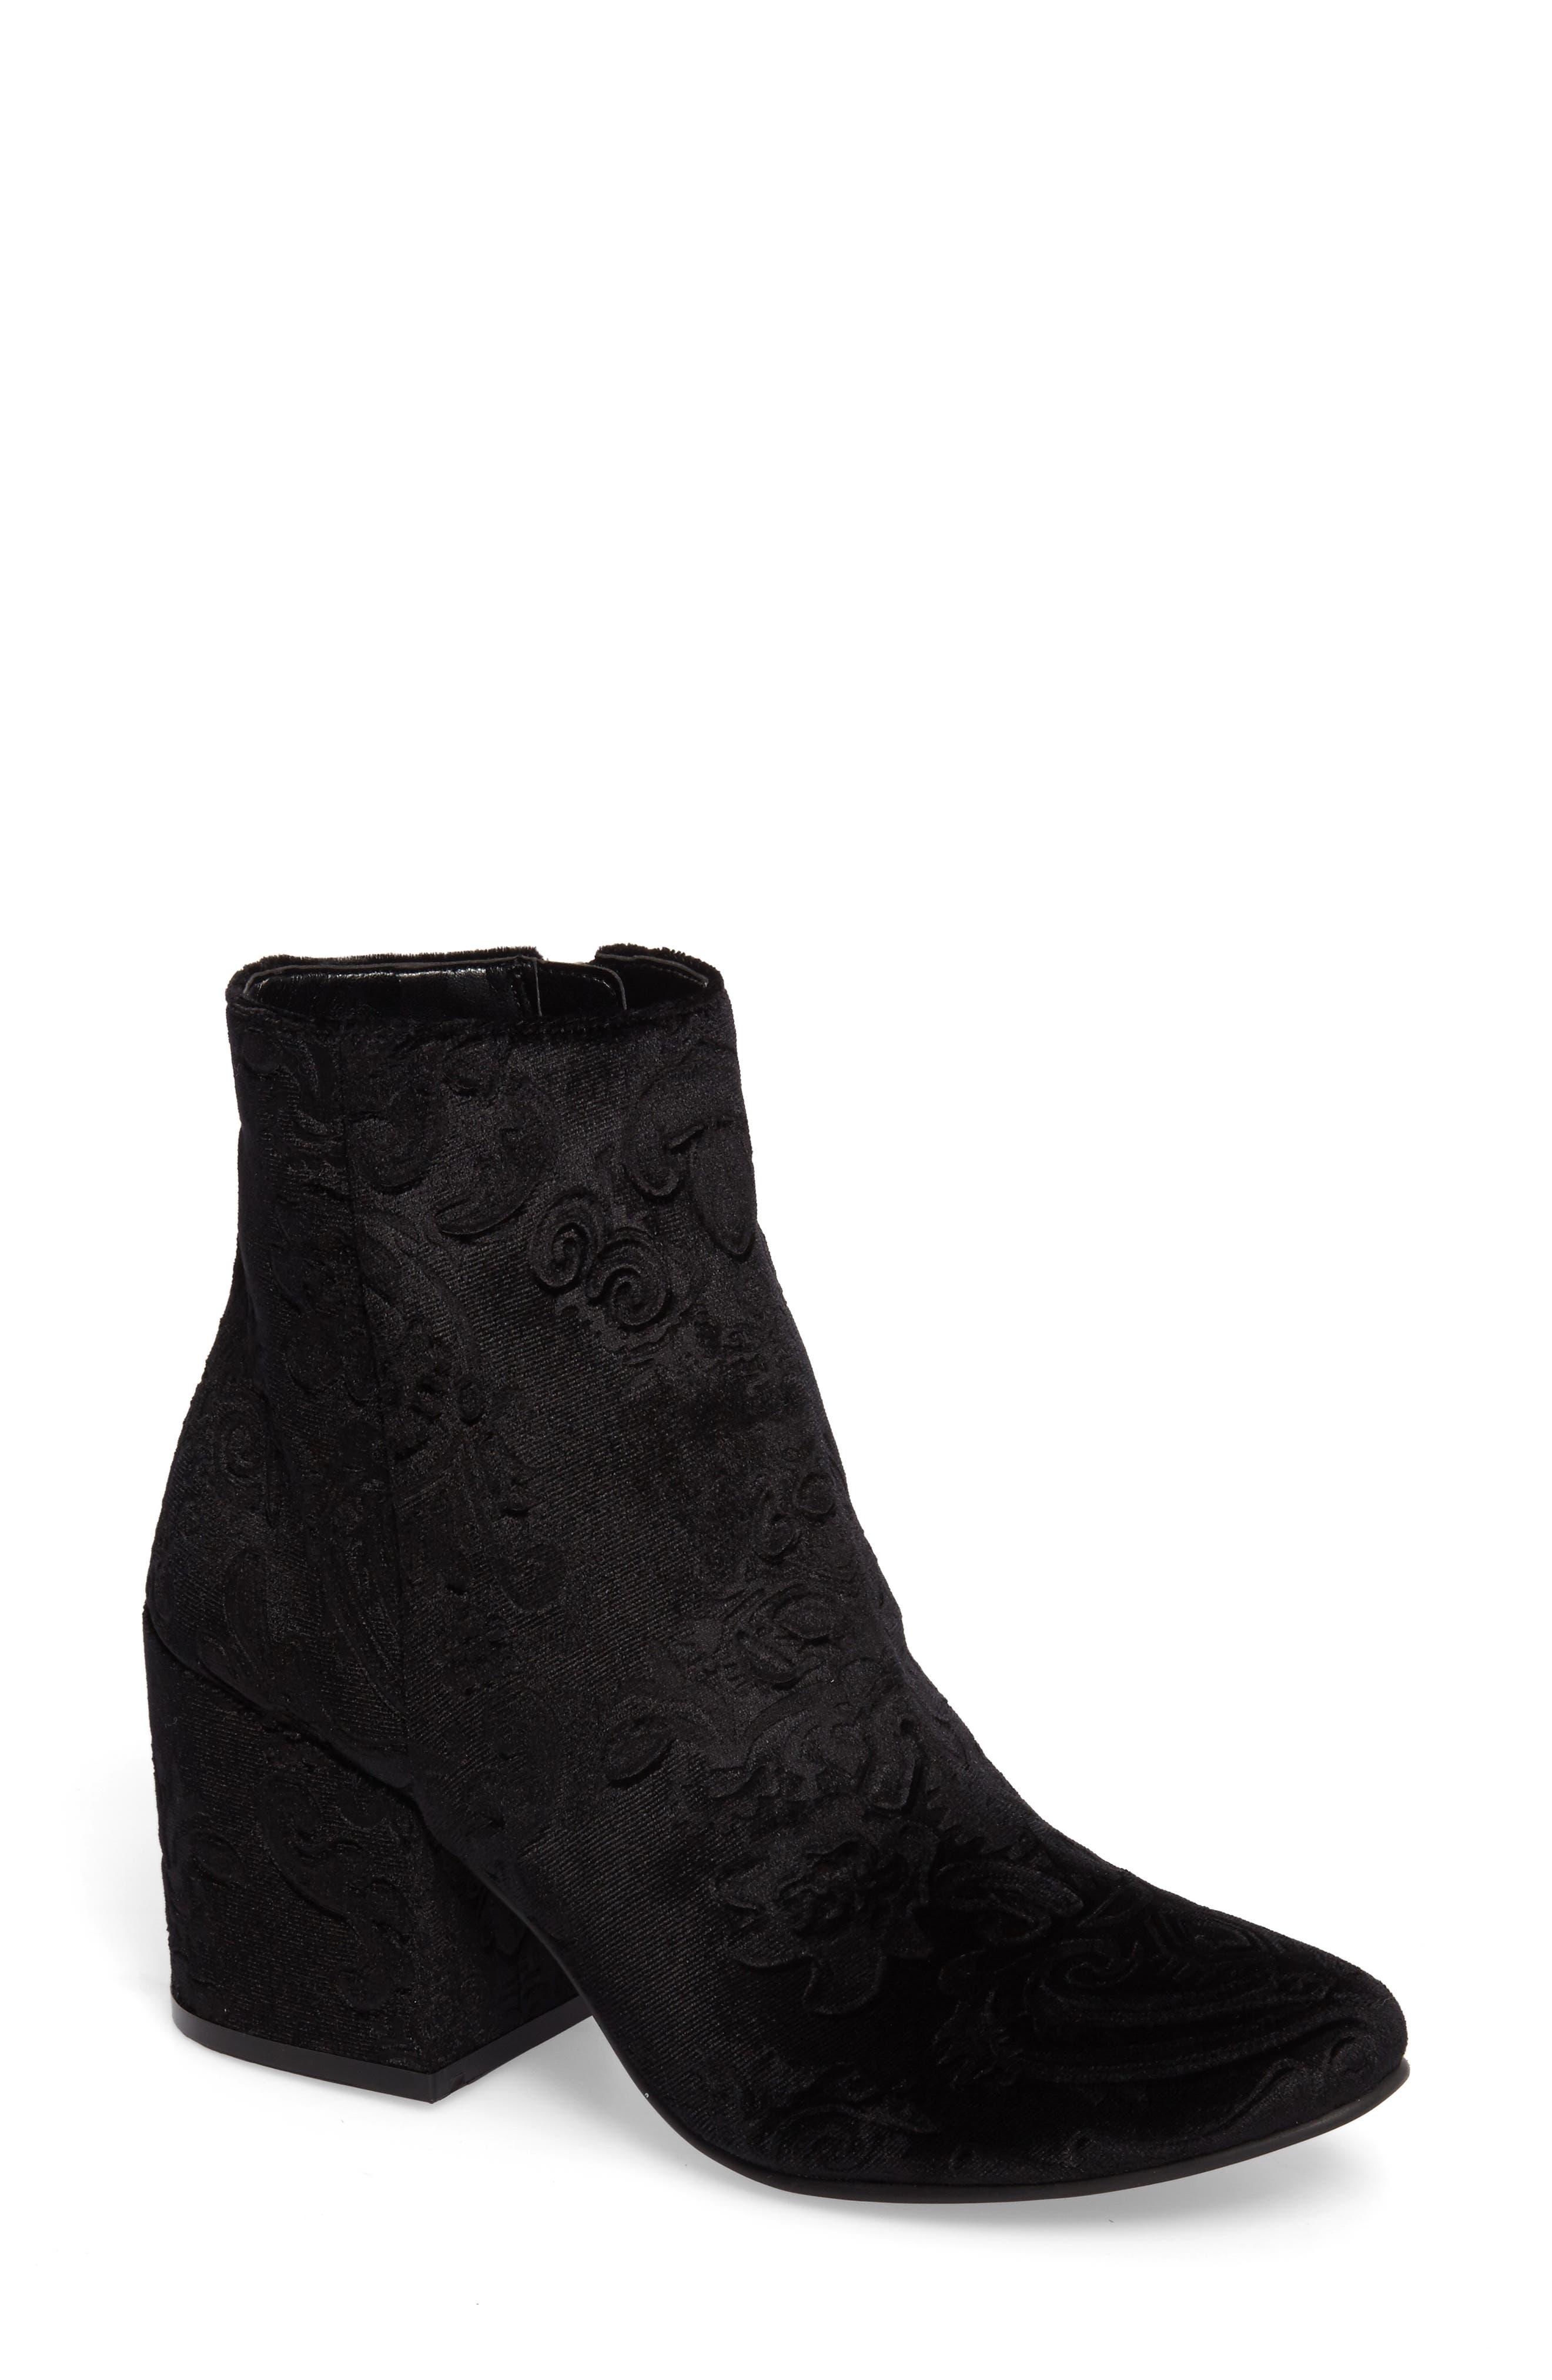 Marian Block Heel Bootie,                         Main,                         color, Black Embossed Velvet